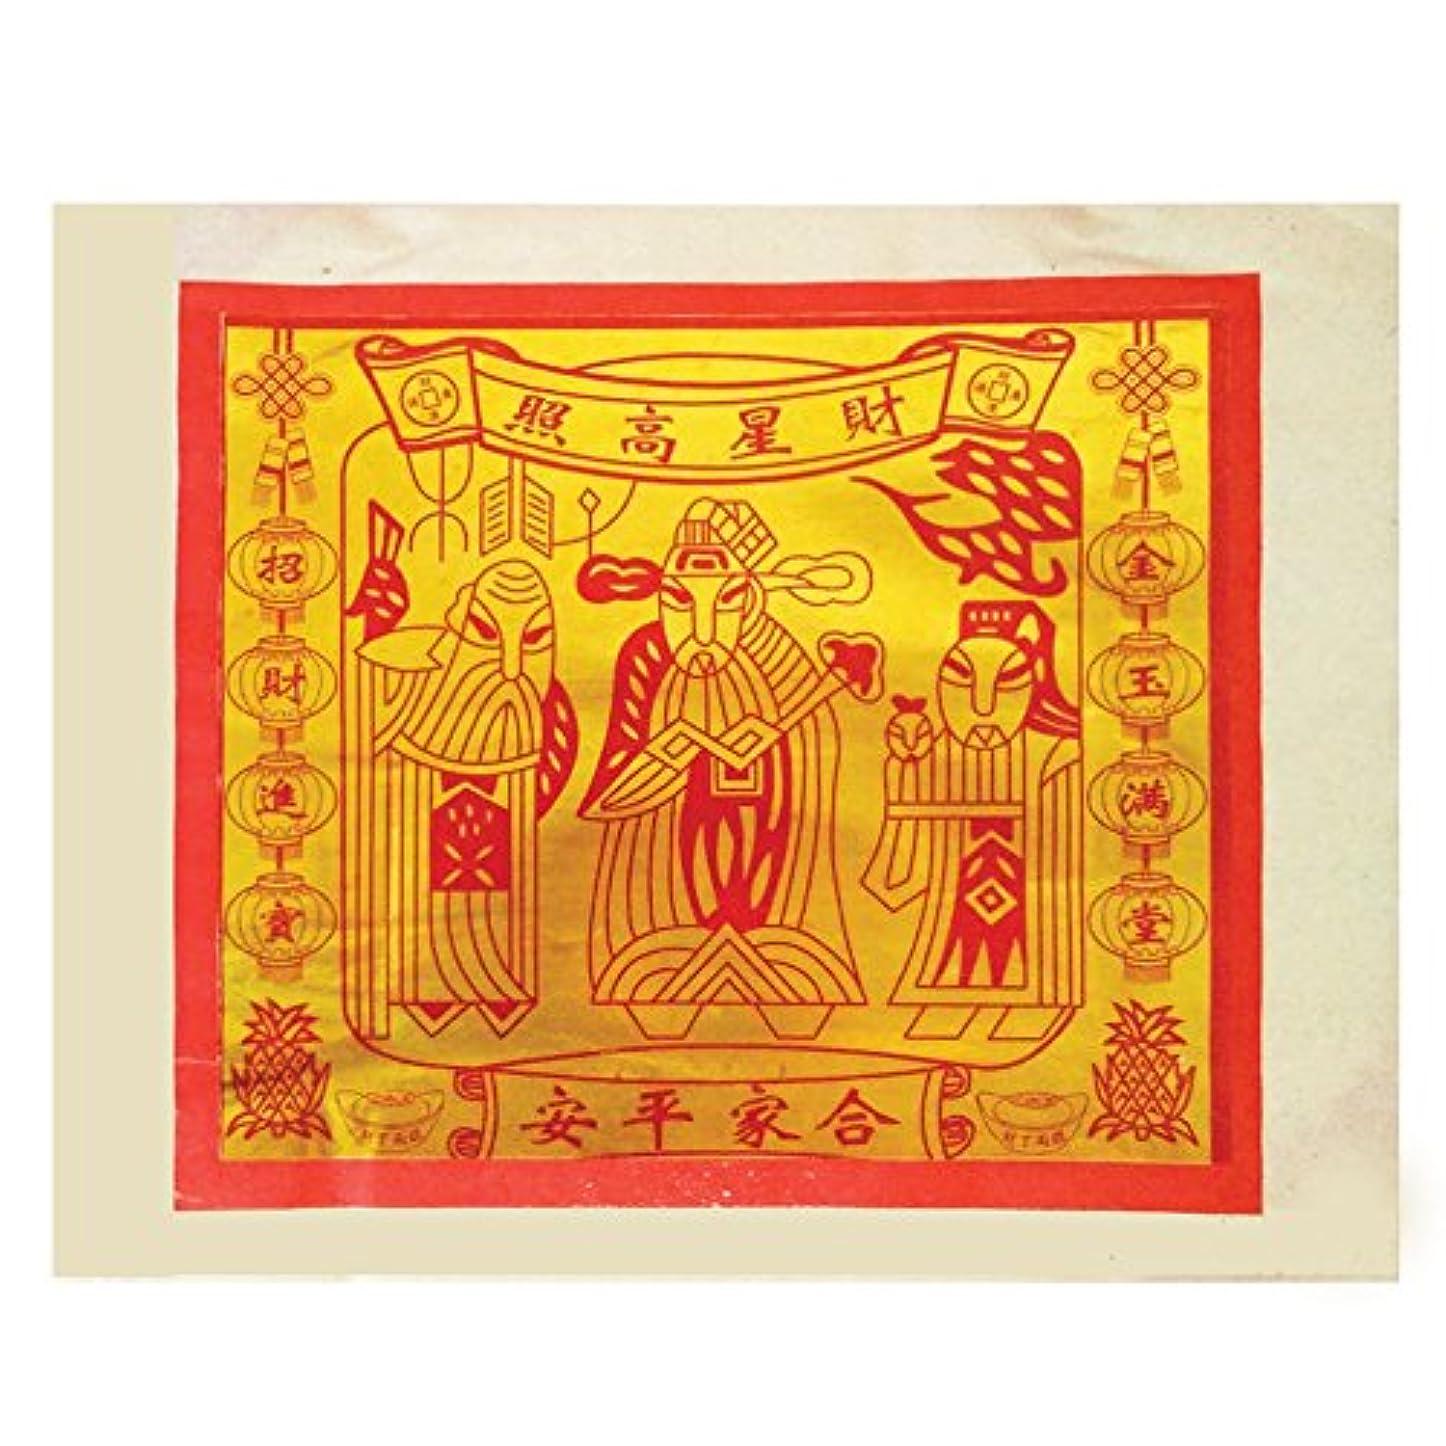 マッシュ複製背景80pcs Incense用紙/Joss用紙with Gold Foil (Mediumサイズ) 10.6インチx 10.4インチ